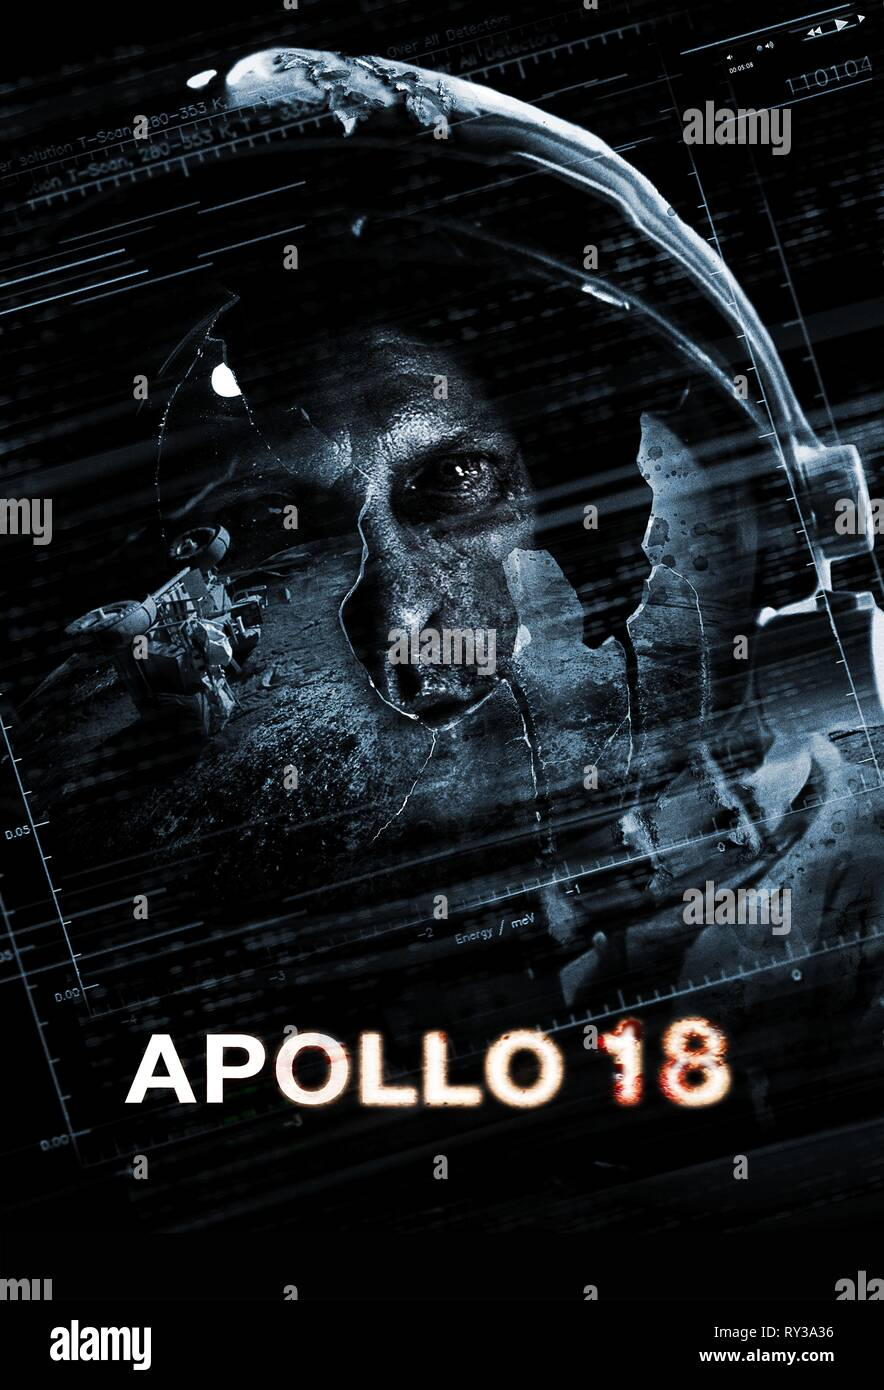 ASTRONAUT POSTER, APOLLO 18, 2011 - Stock Image